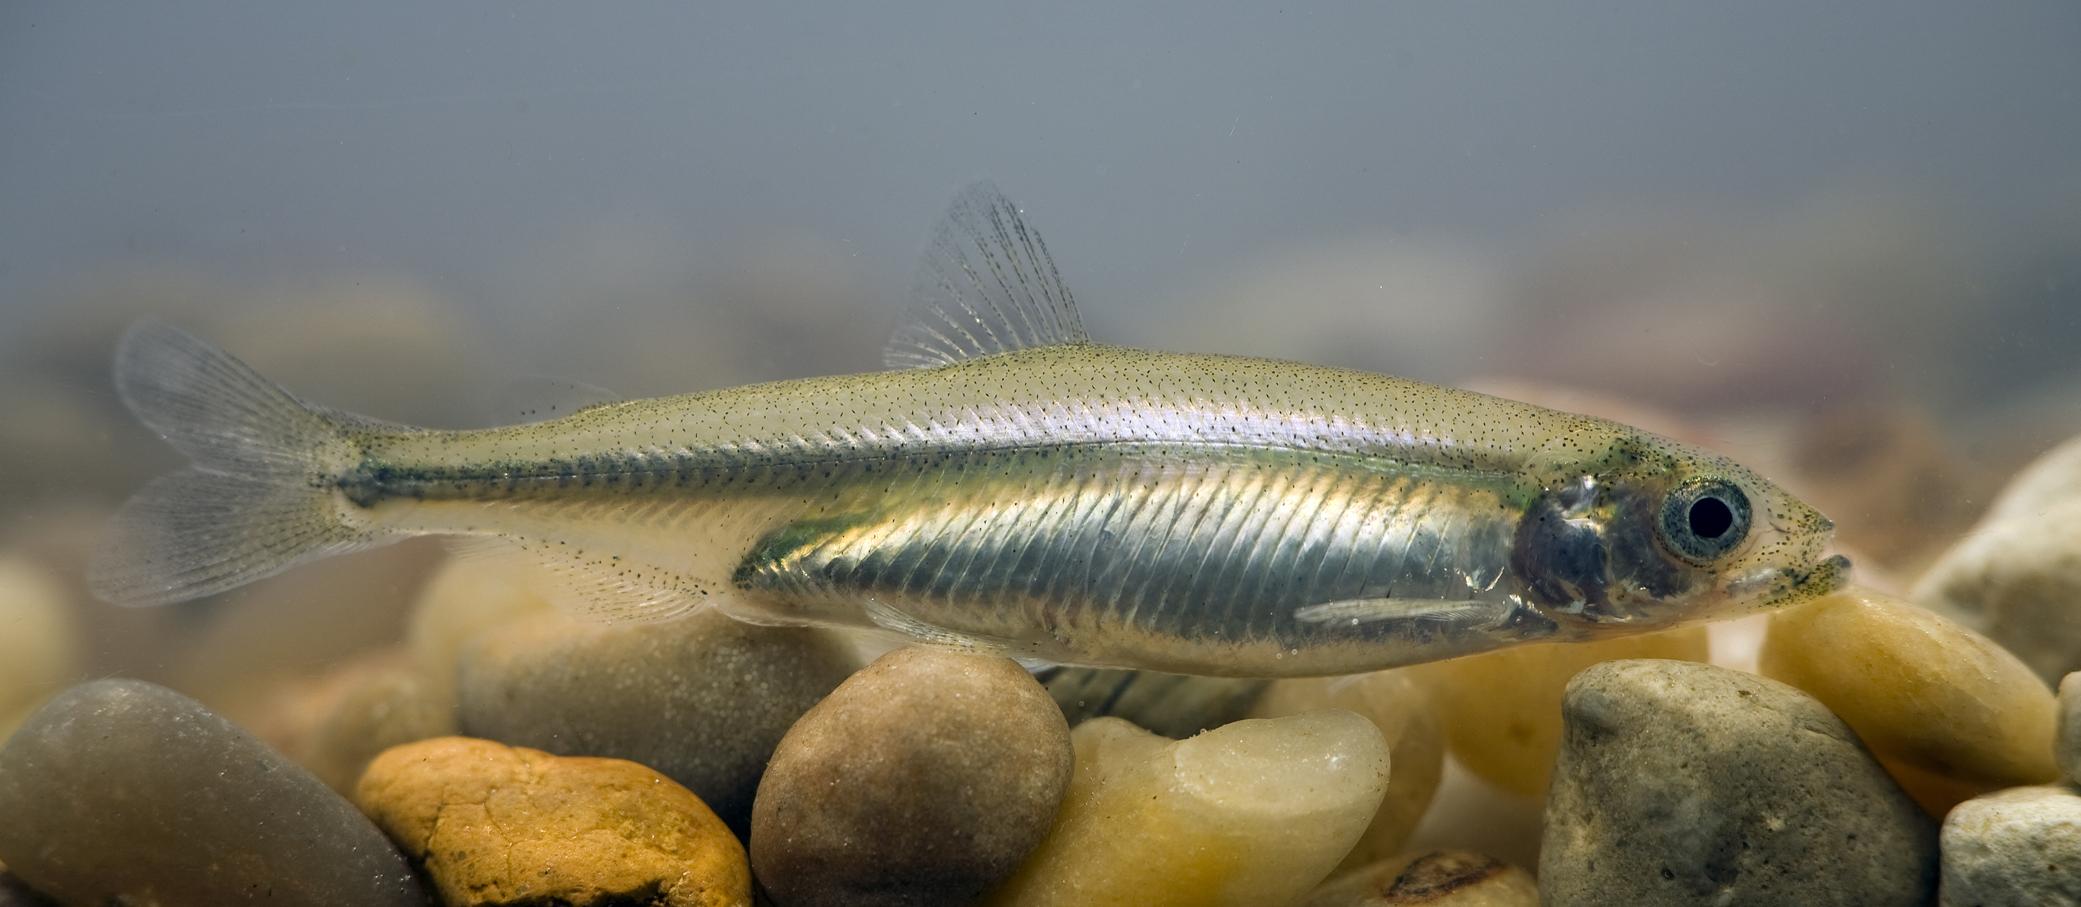 hypomesus transpacificus